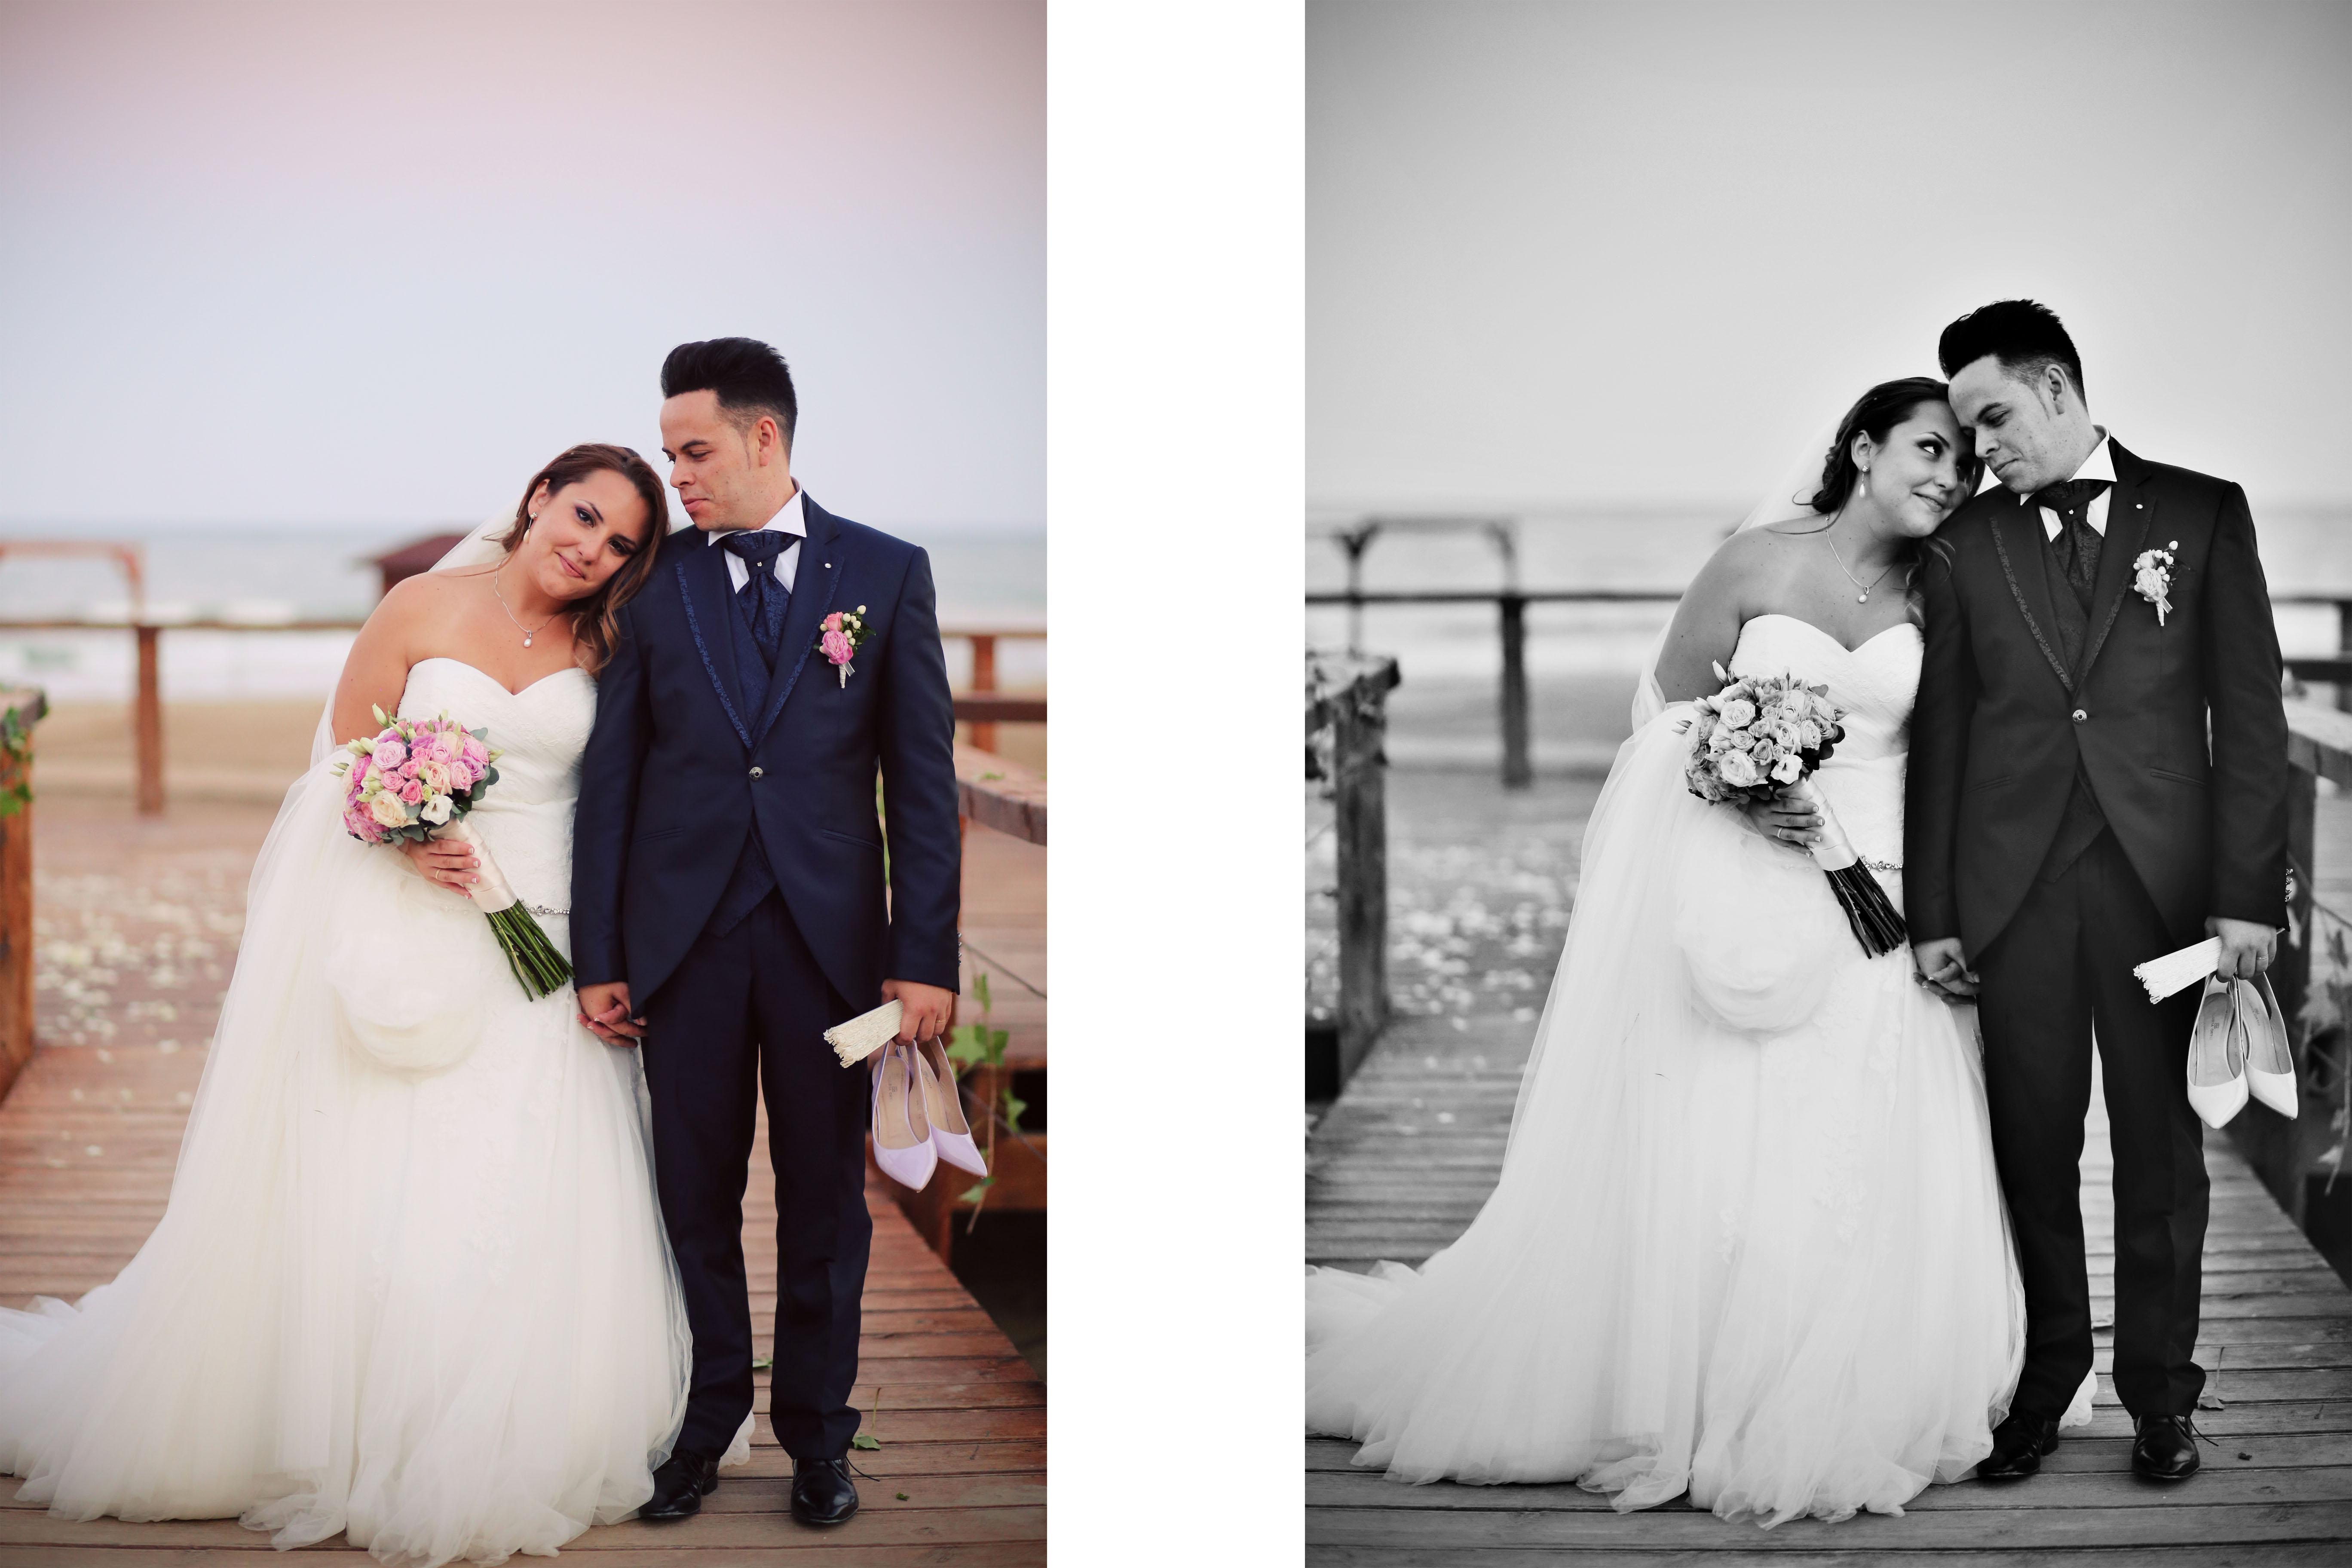 Fotografo de boda Benicassim